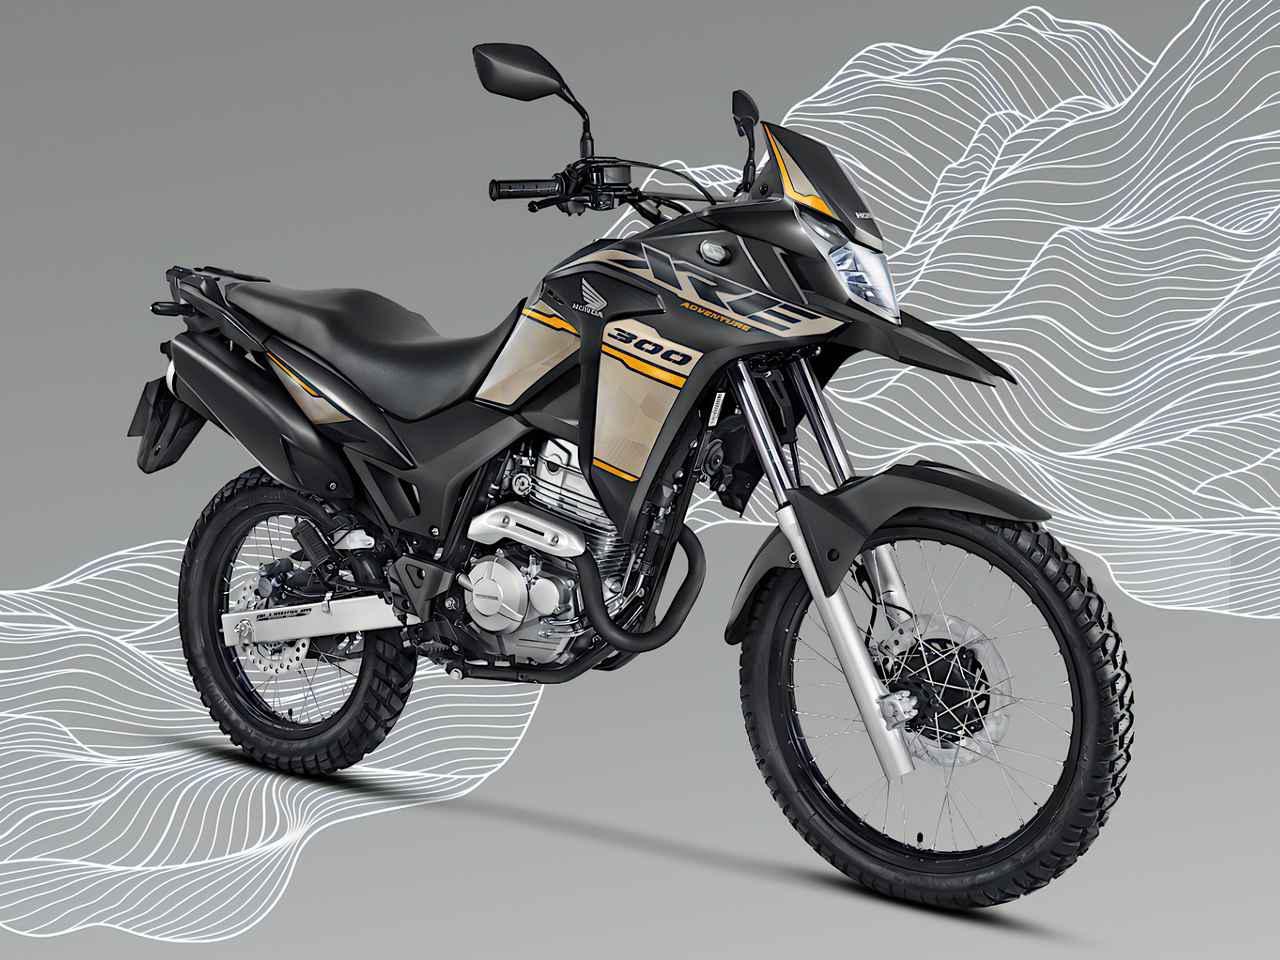 画像: Honda XRE300 写真は、XRE300アドベンチャー 総排気量:291.6cc エンジン形式:空冷4ストDOHC4バルブ単気筒 シート高:860mm 車両重量:148kg